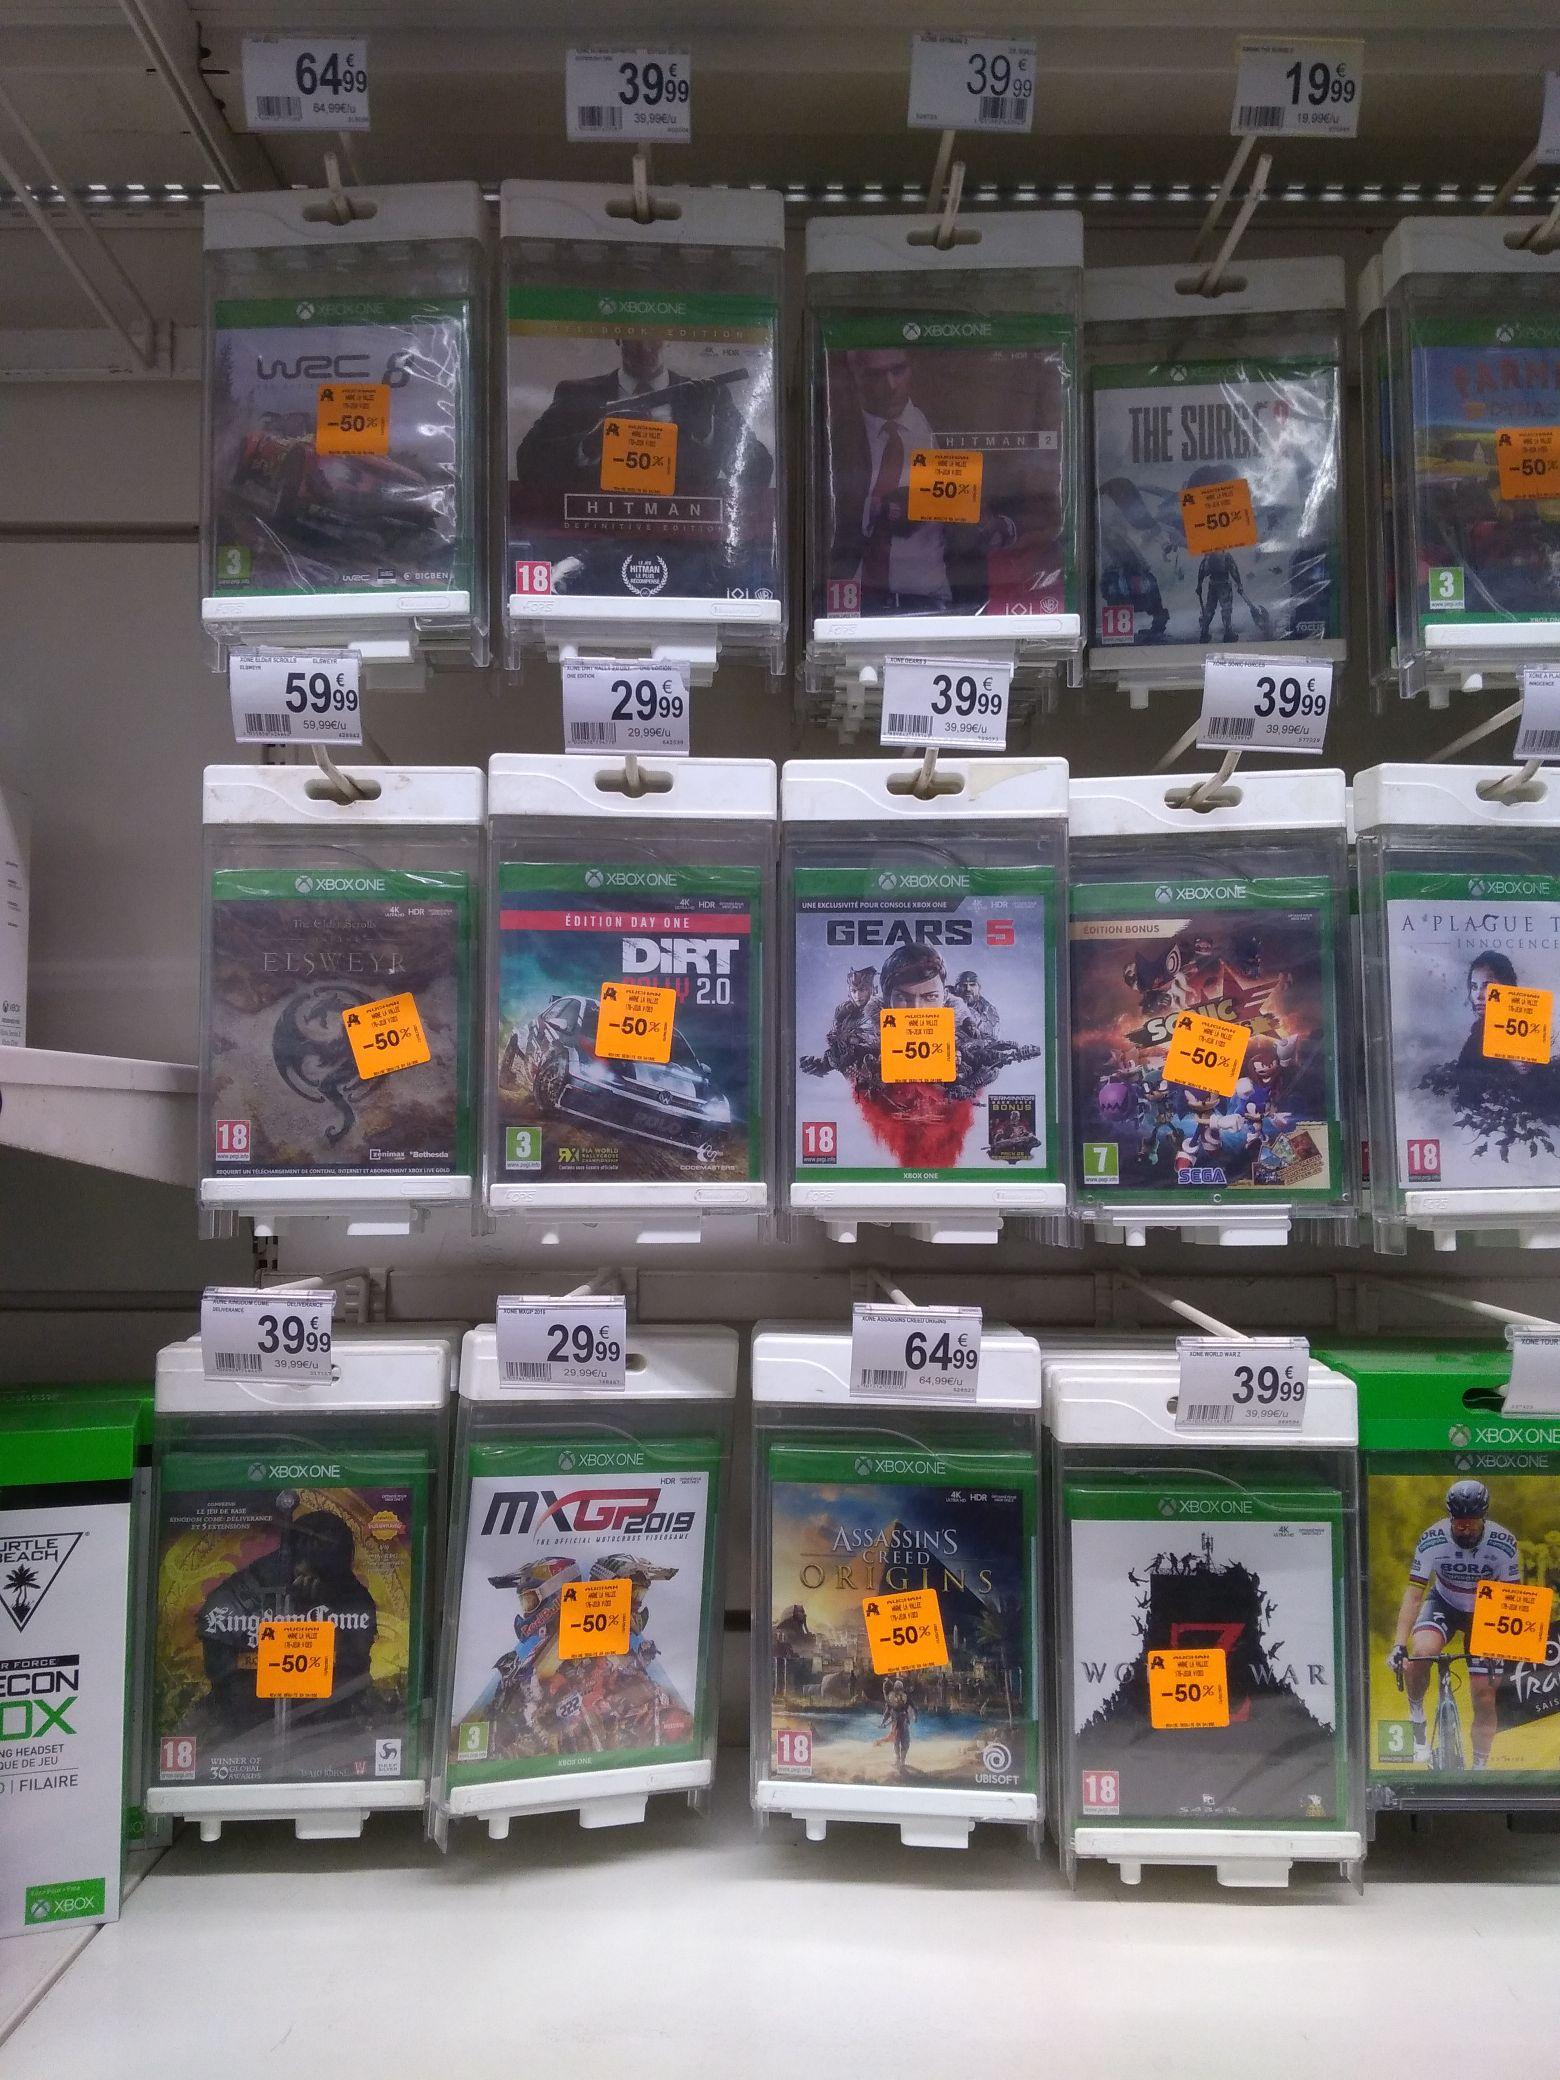 Sélection de jeux Xbox One en promotion - Marne-la-Vallée (77)